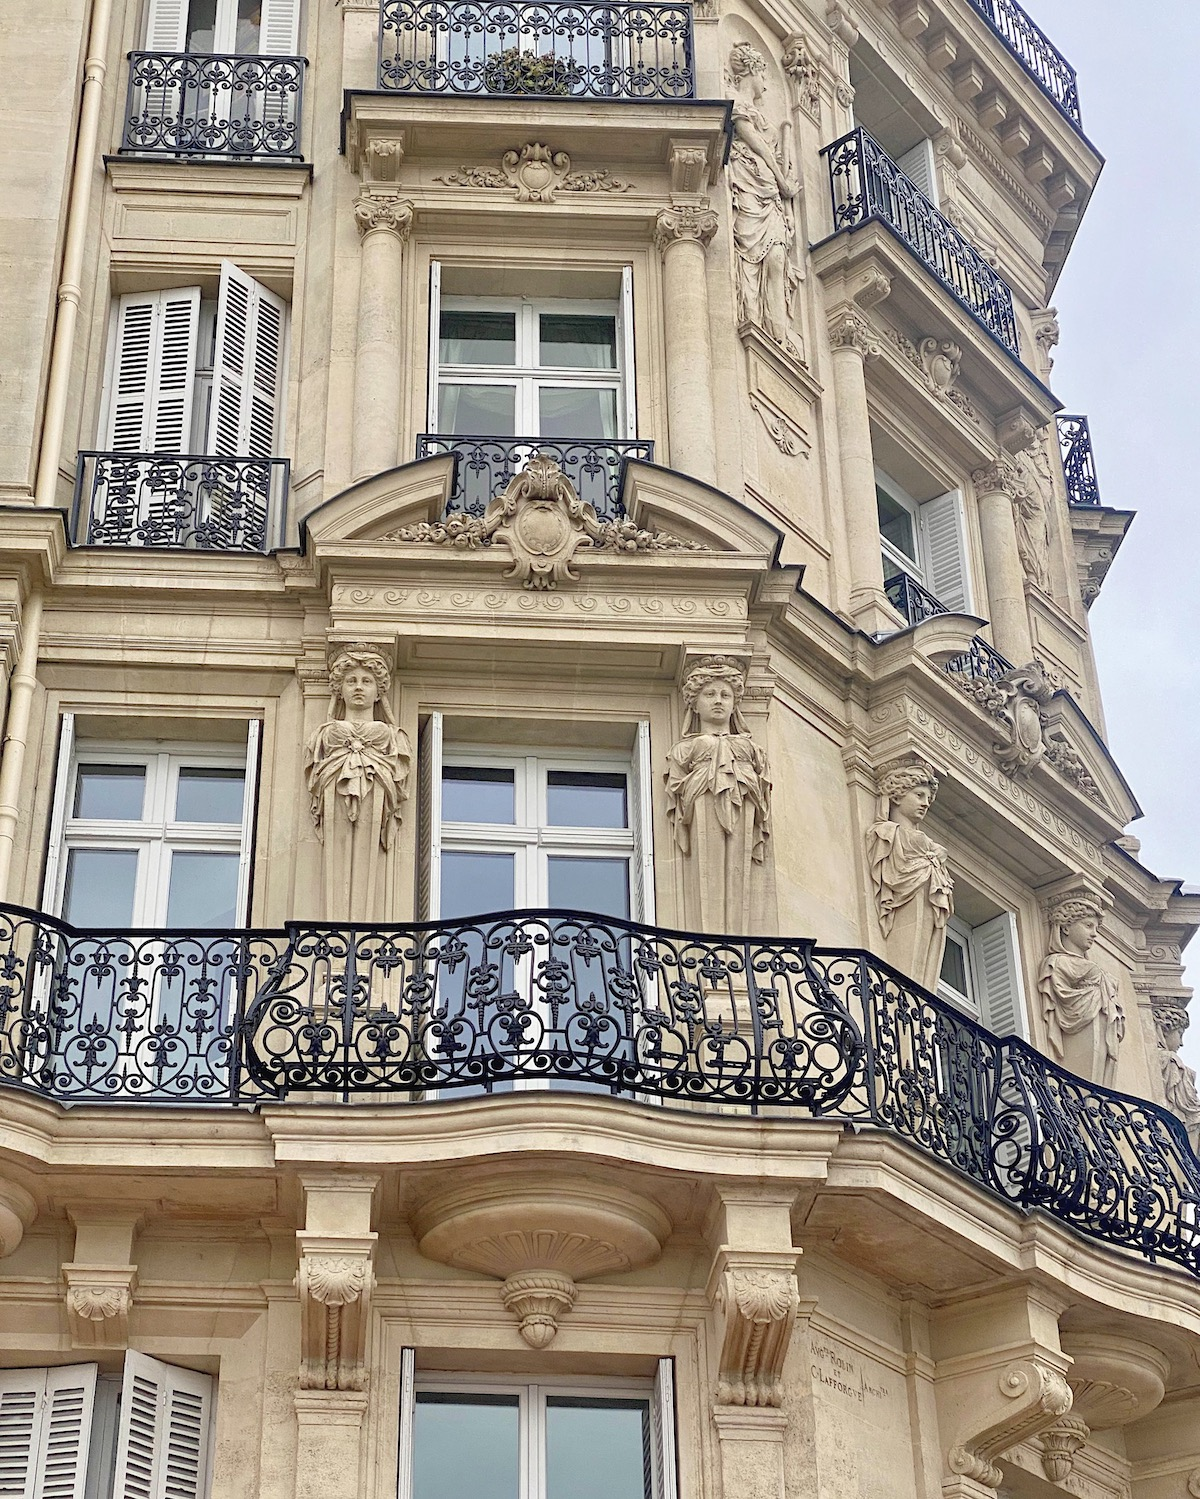 quai voltaire buildings